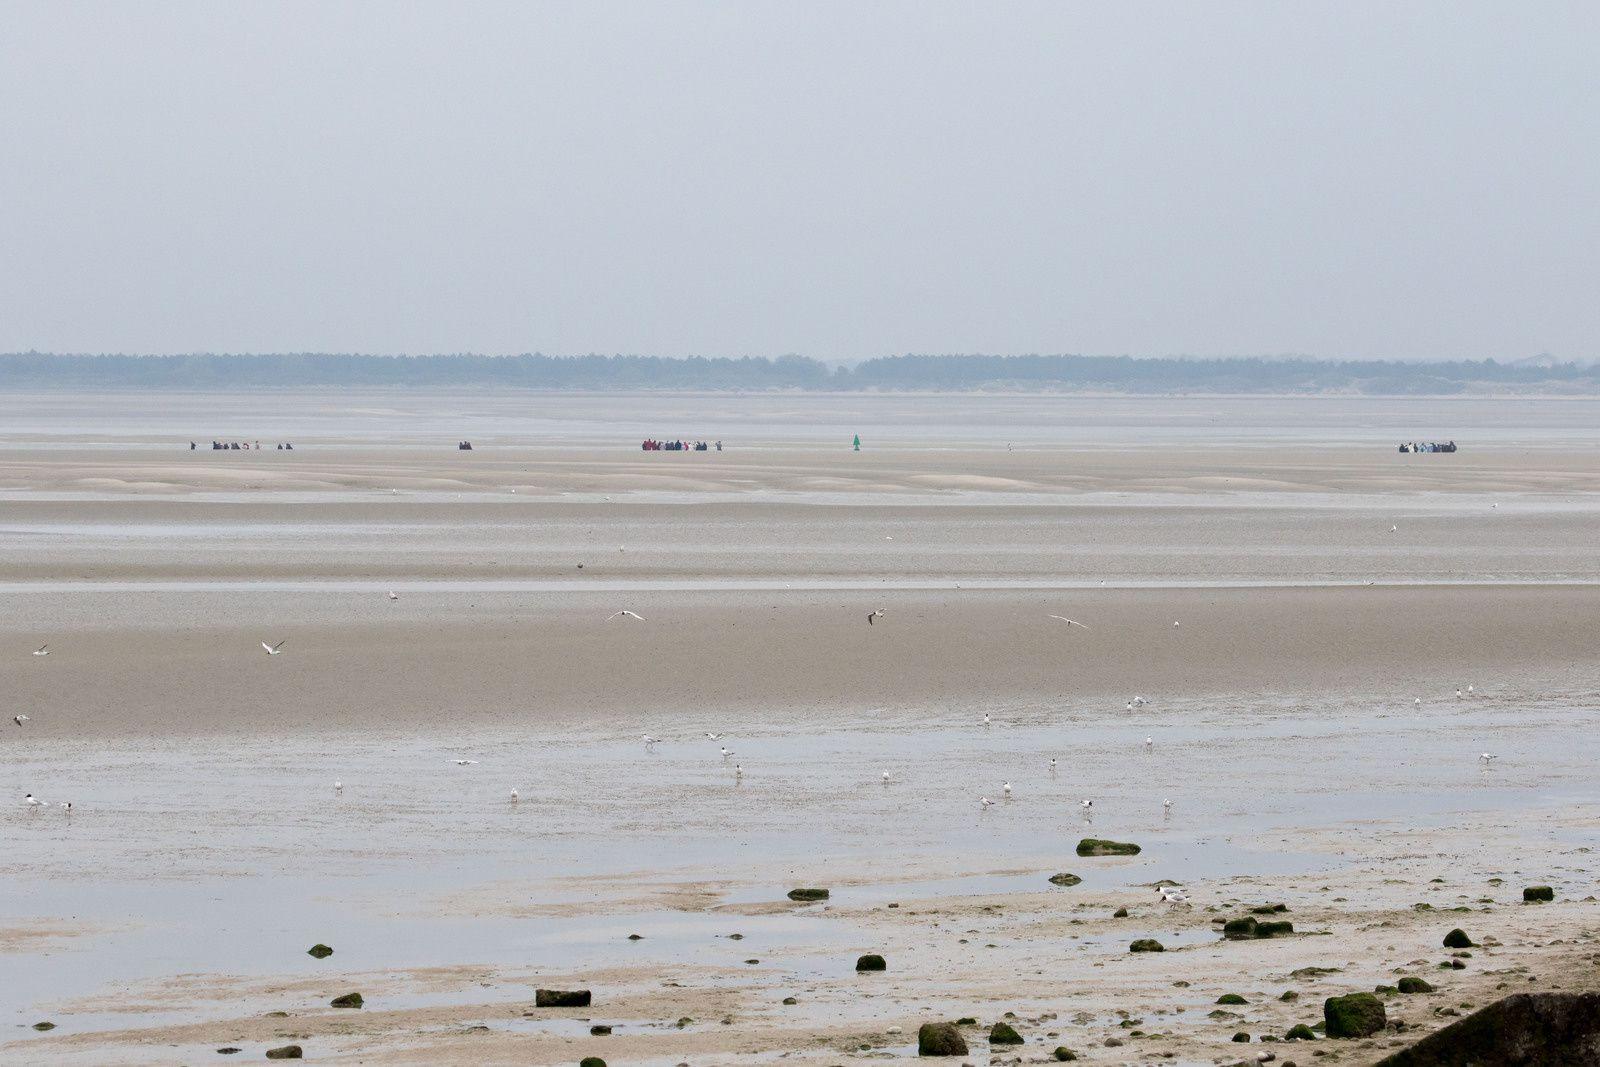 Les promeneurs en chemin vers les phoques